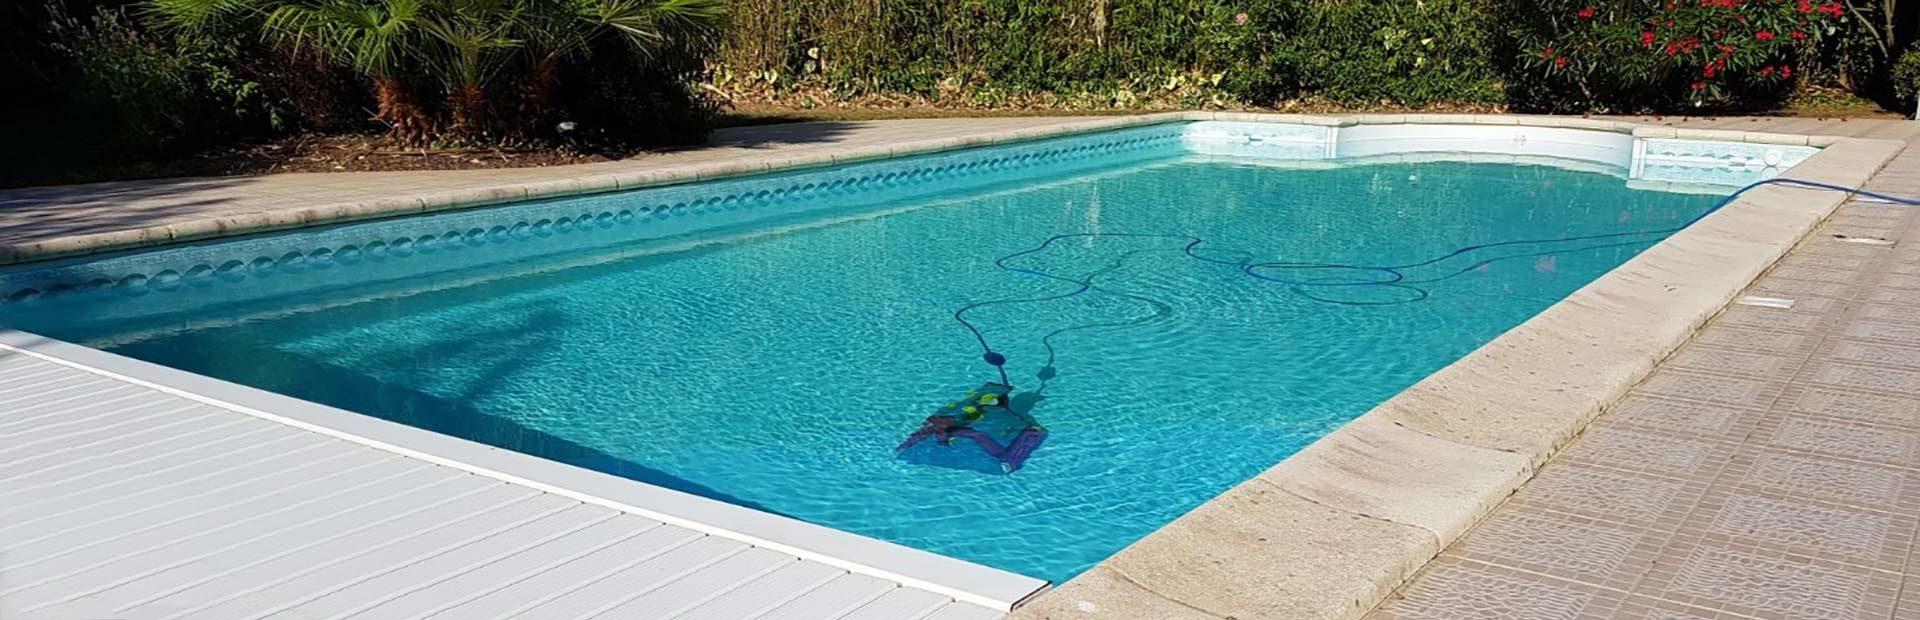 Pompes à chaleur piscine